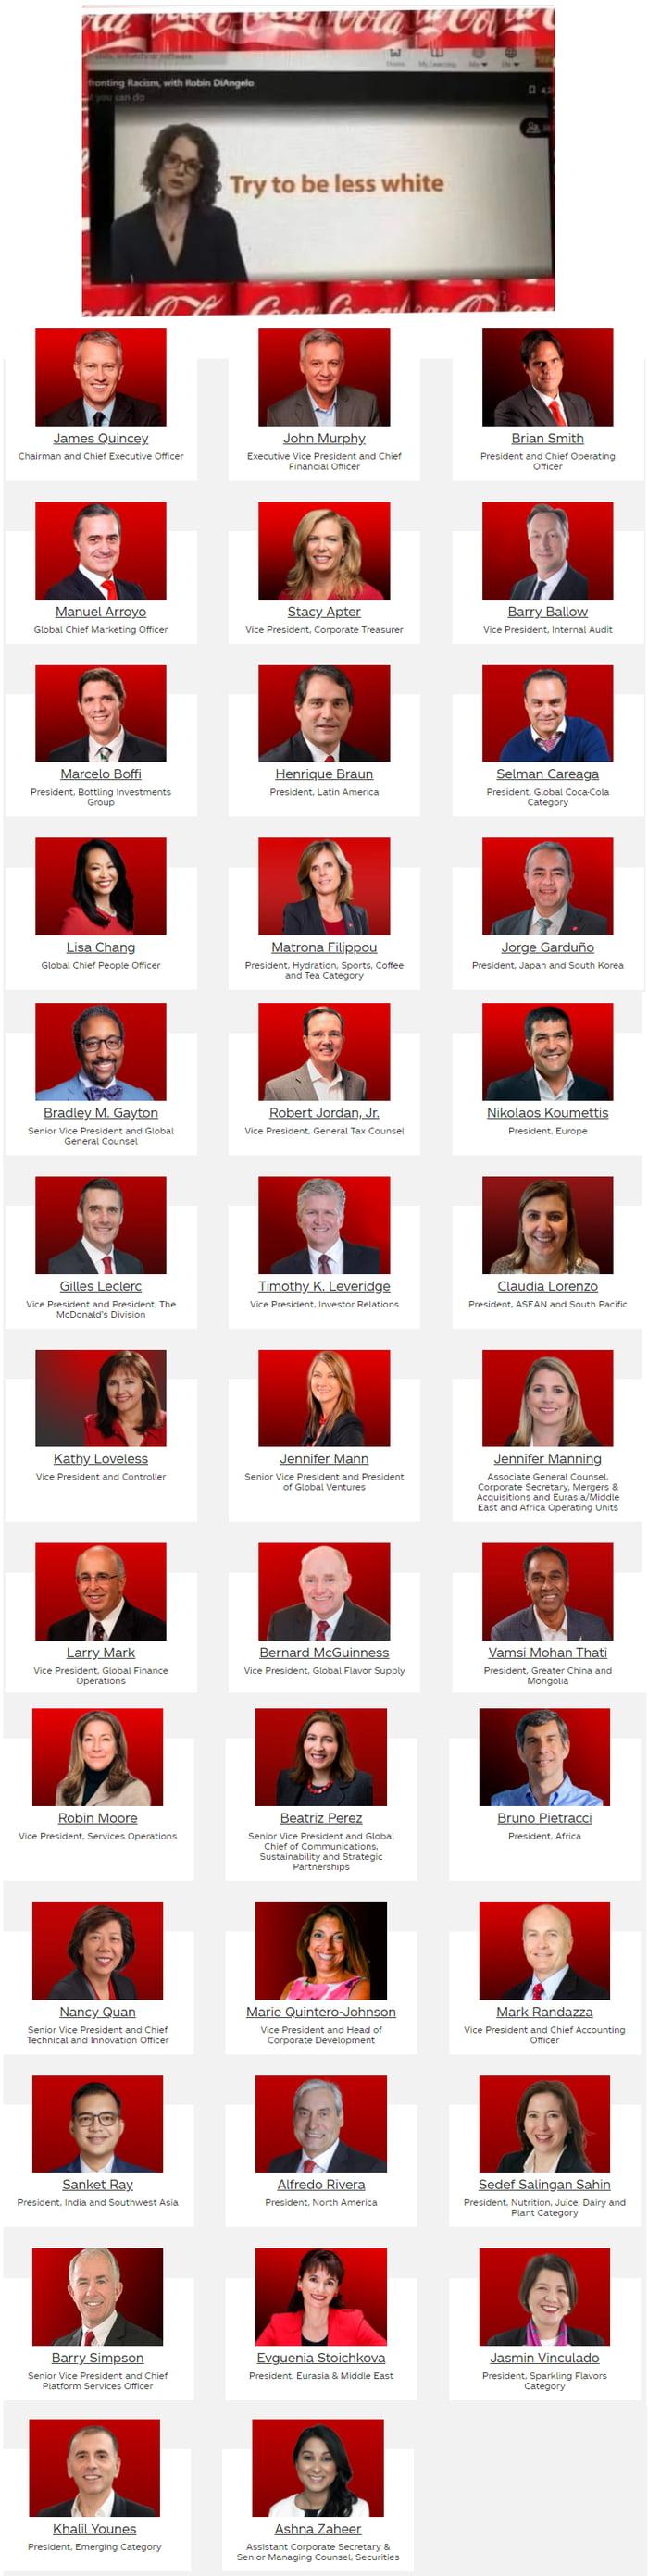 Coca Cola Executive Leadership